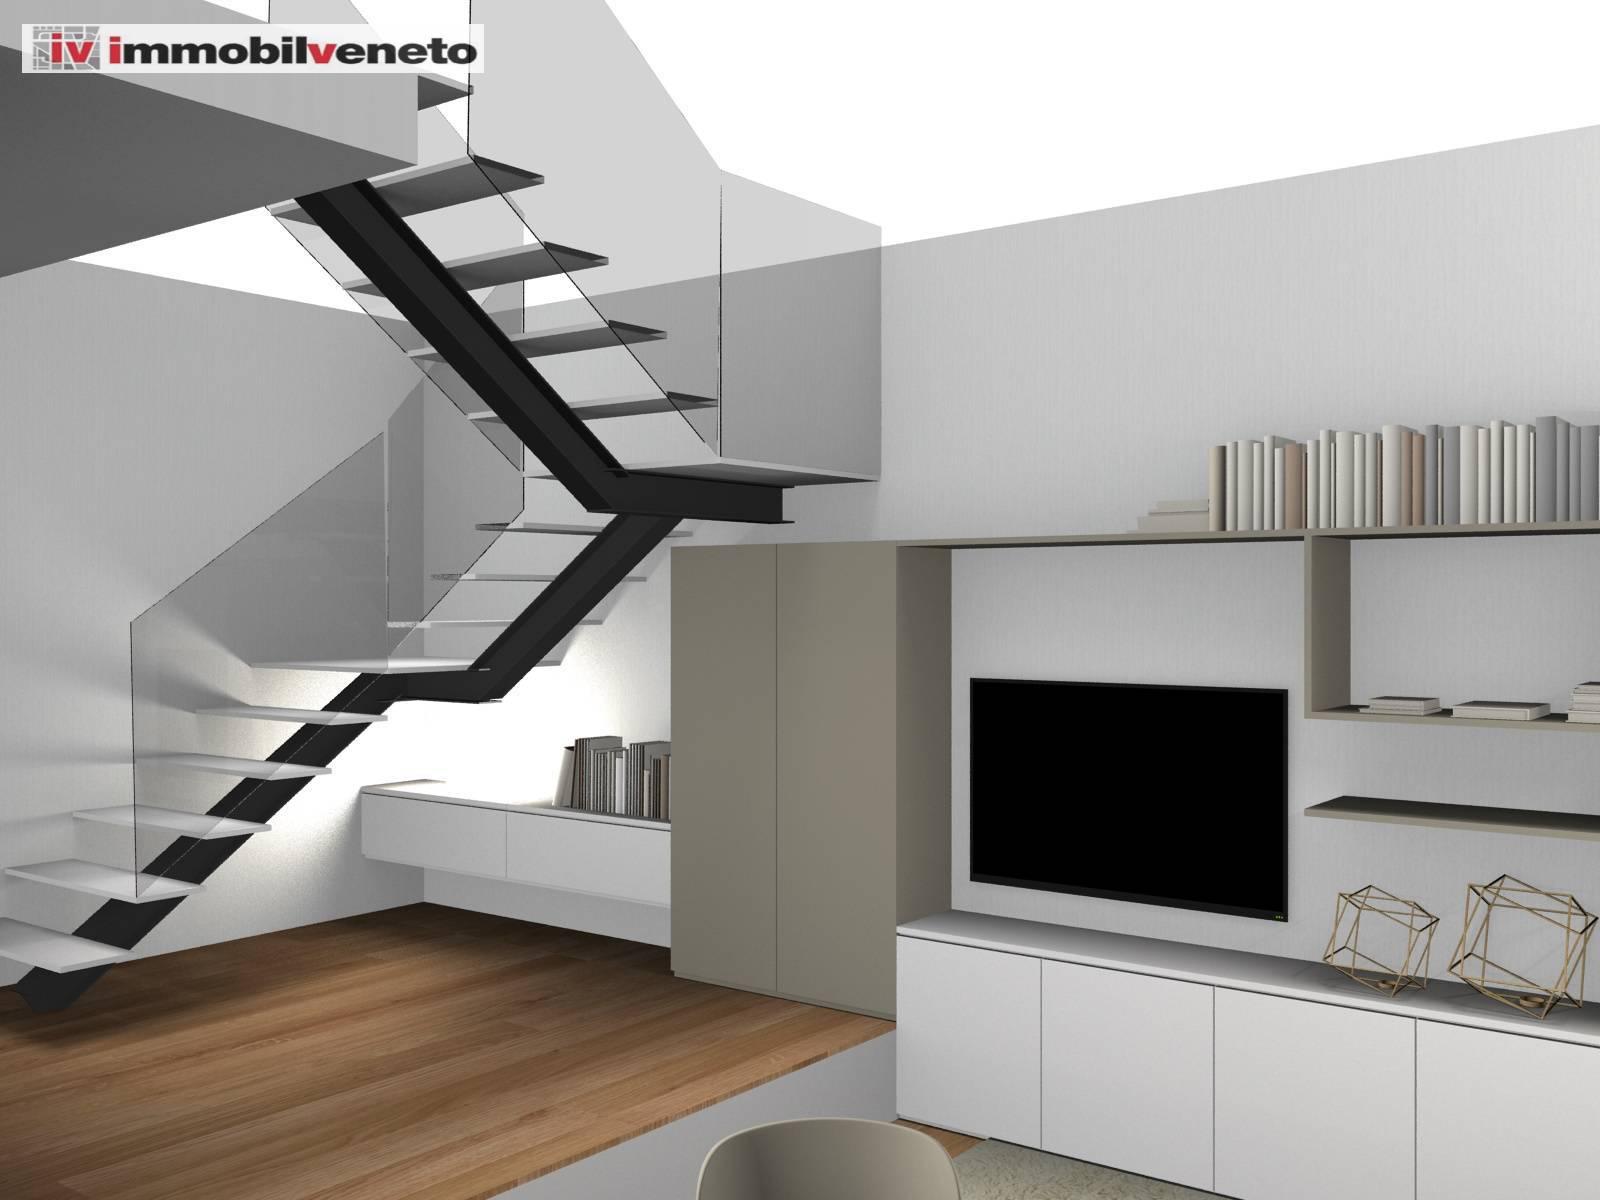 Appartamento in vendita a Lonigo, 5 locali, Trattative riservate   CambioCasa.it